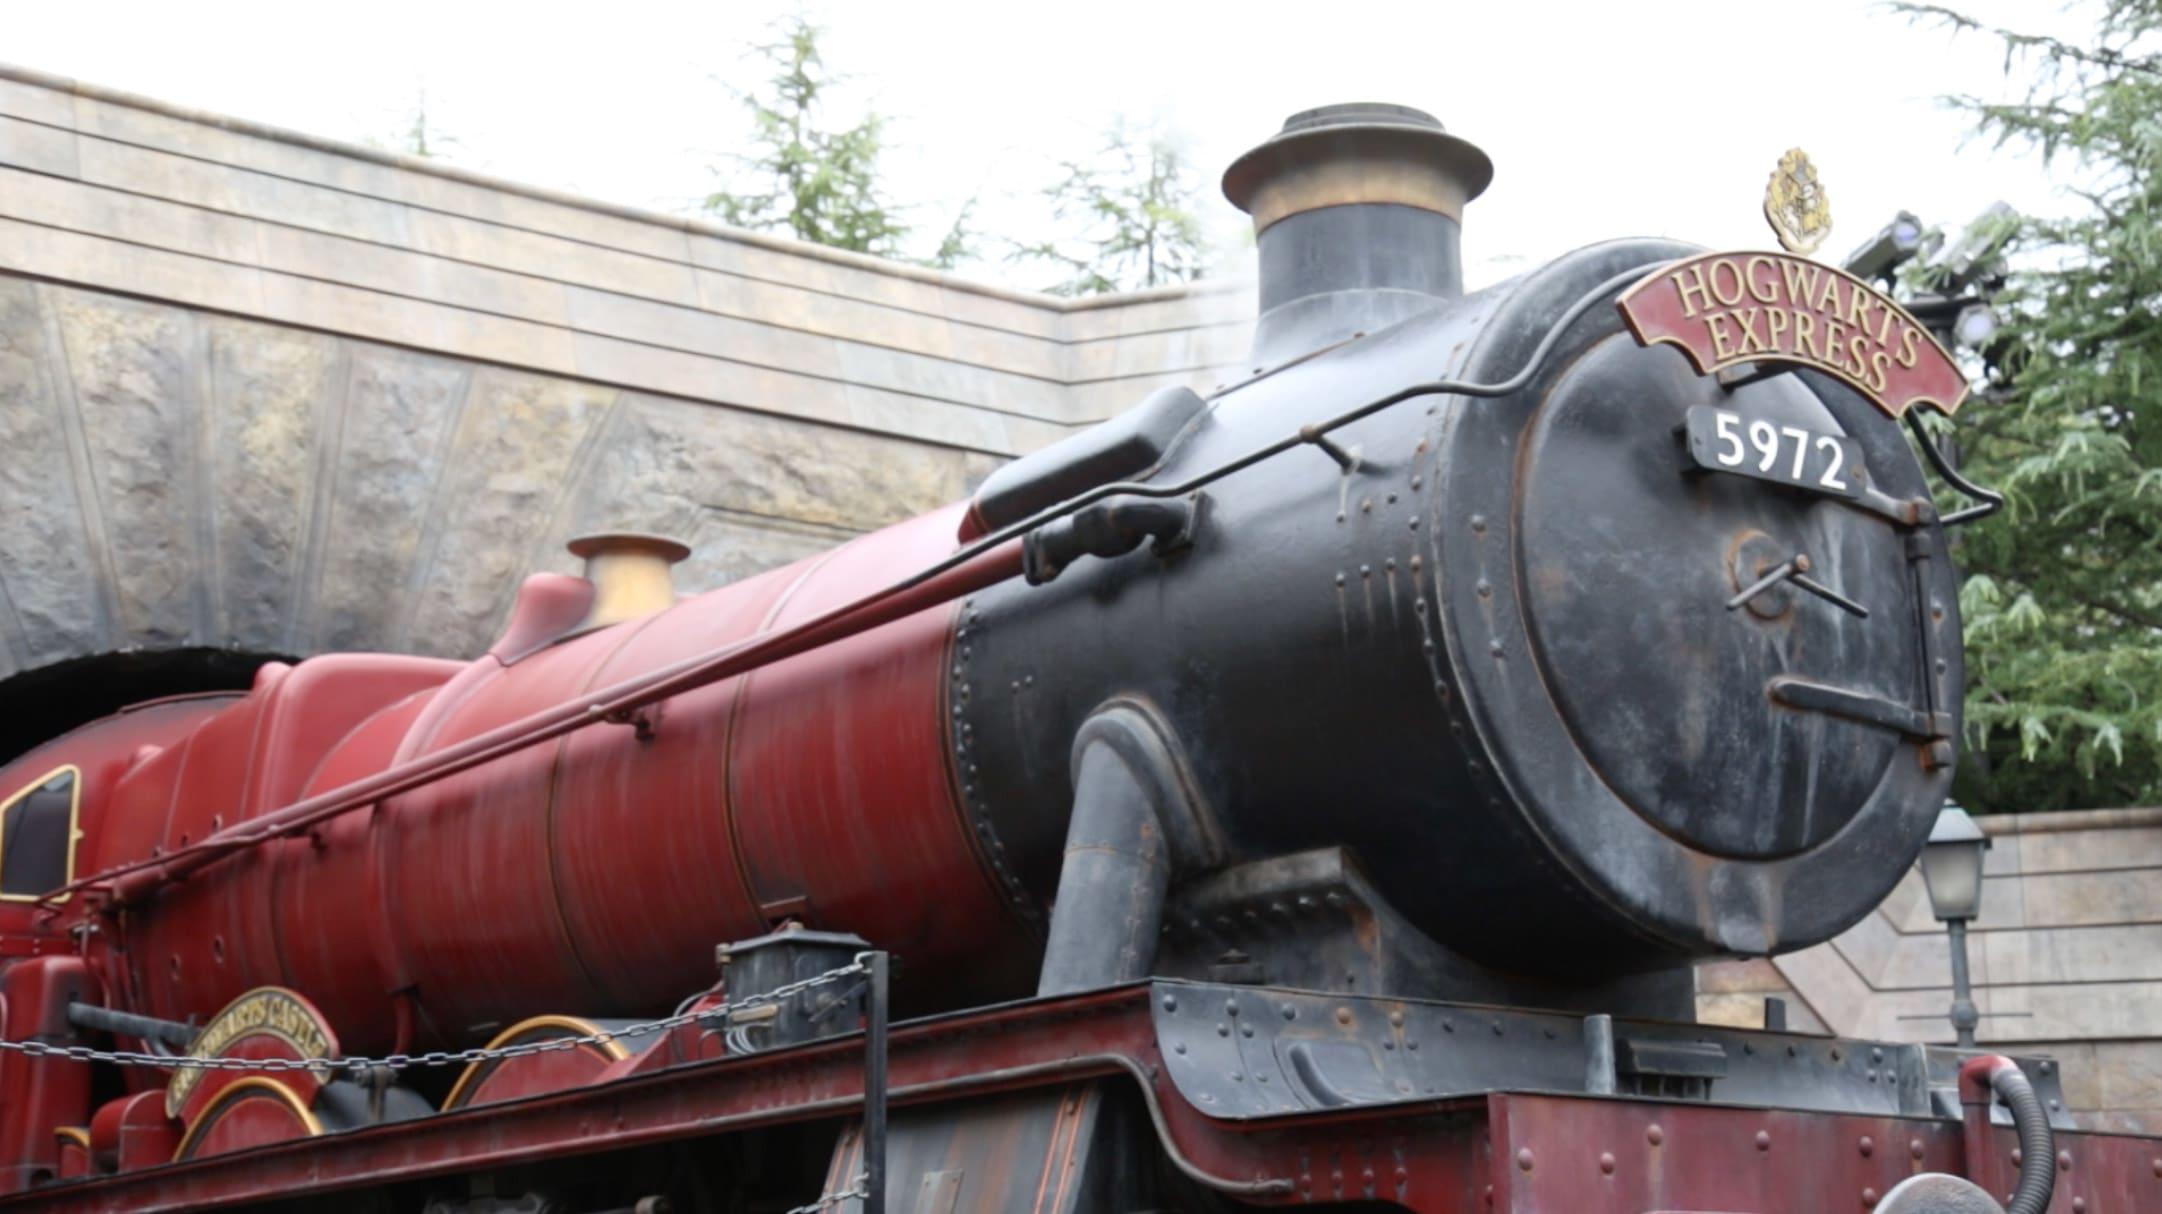 在 這 個 知 名 蒸 氣 火 車 前 面 拍 照 是 常 識 吧 ~ 車 長 會 不 定 時 現 身 跟 大 家 拍 照